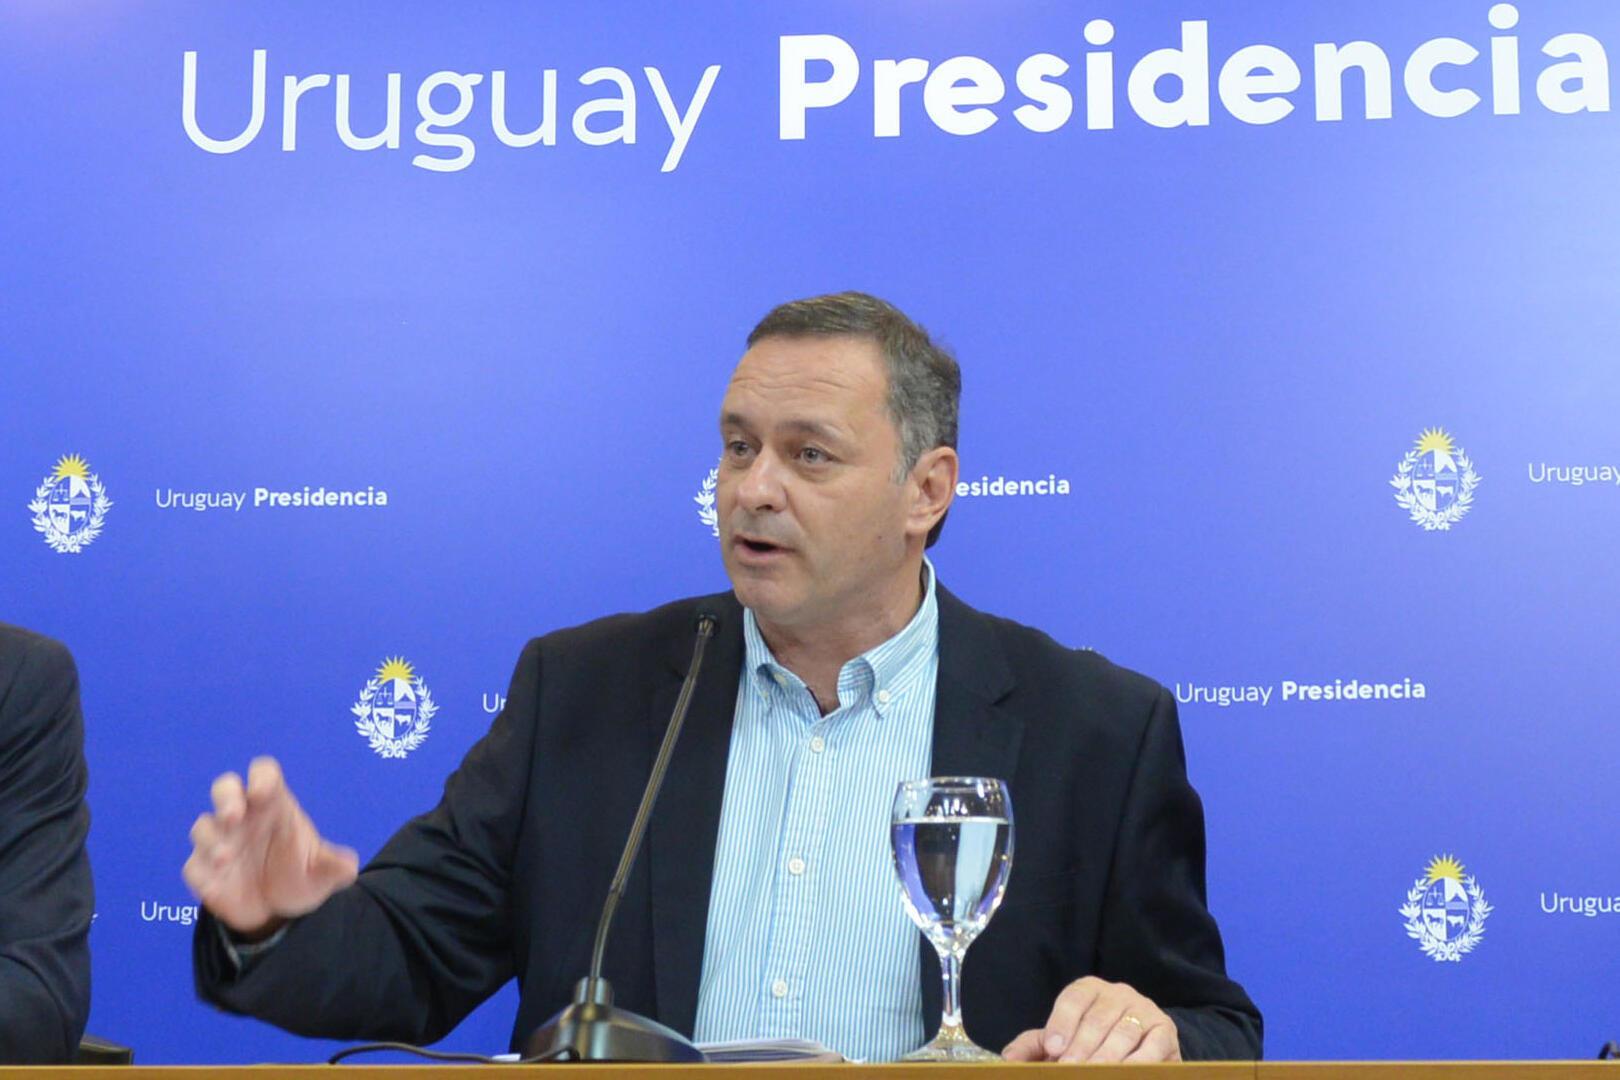 El secretario de la Presidencia de Uruguay, Álvaro Delgado, el 28 de marzo de 2020 durante una rueda de prensa en Montevideo